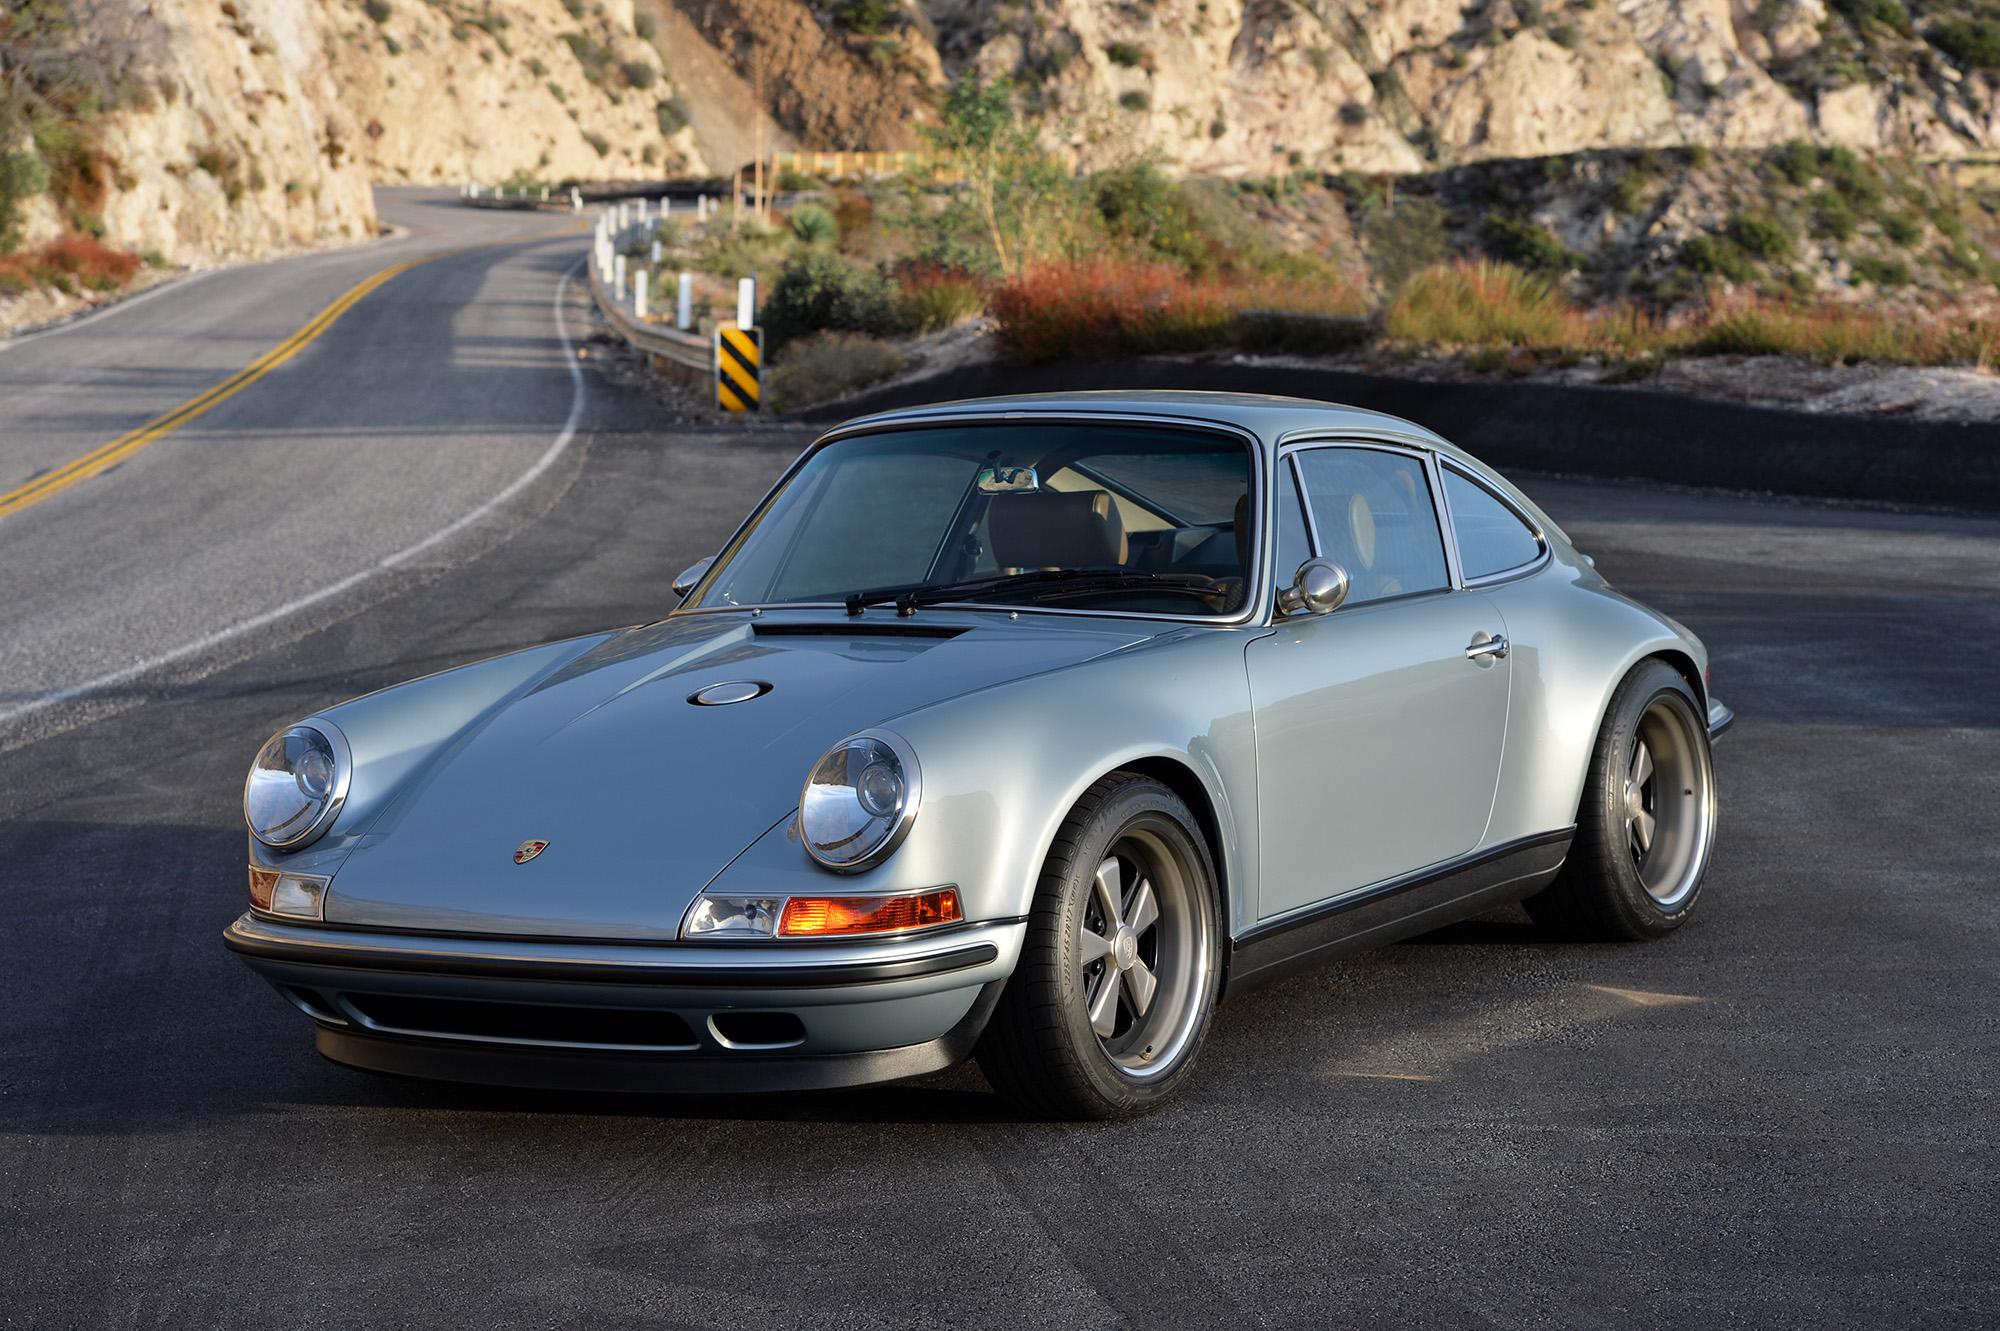 Genesis Car Wallpaper 1990 Porsche 911 By Singer 100509288 H Jpg